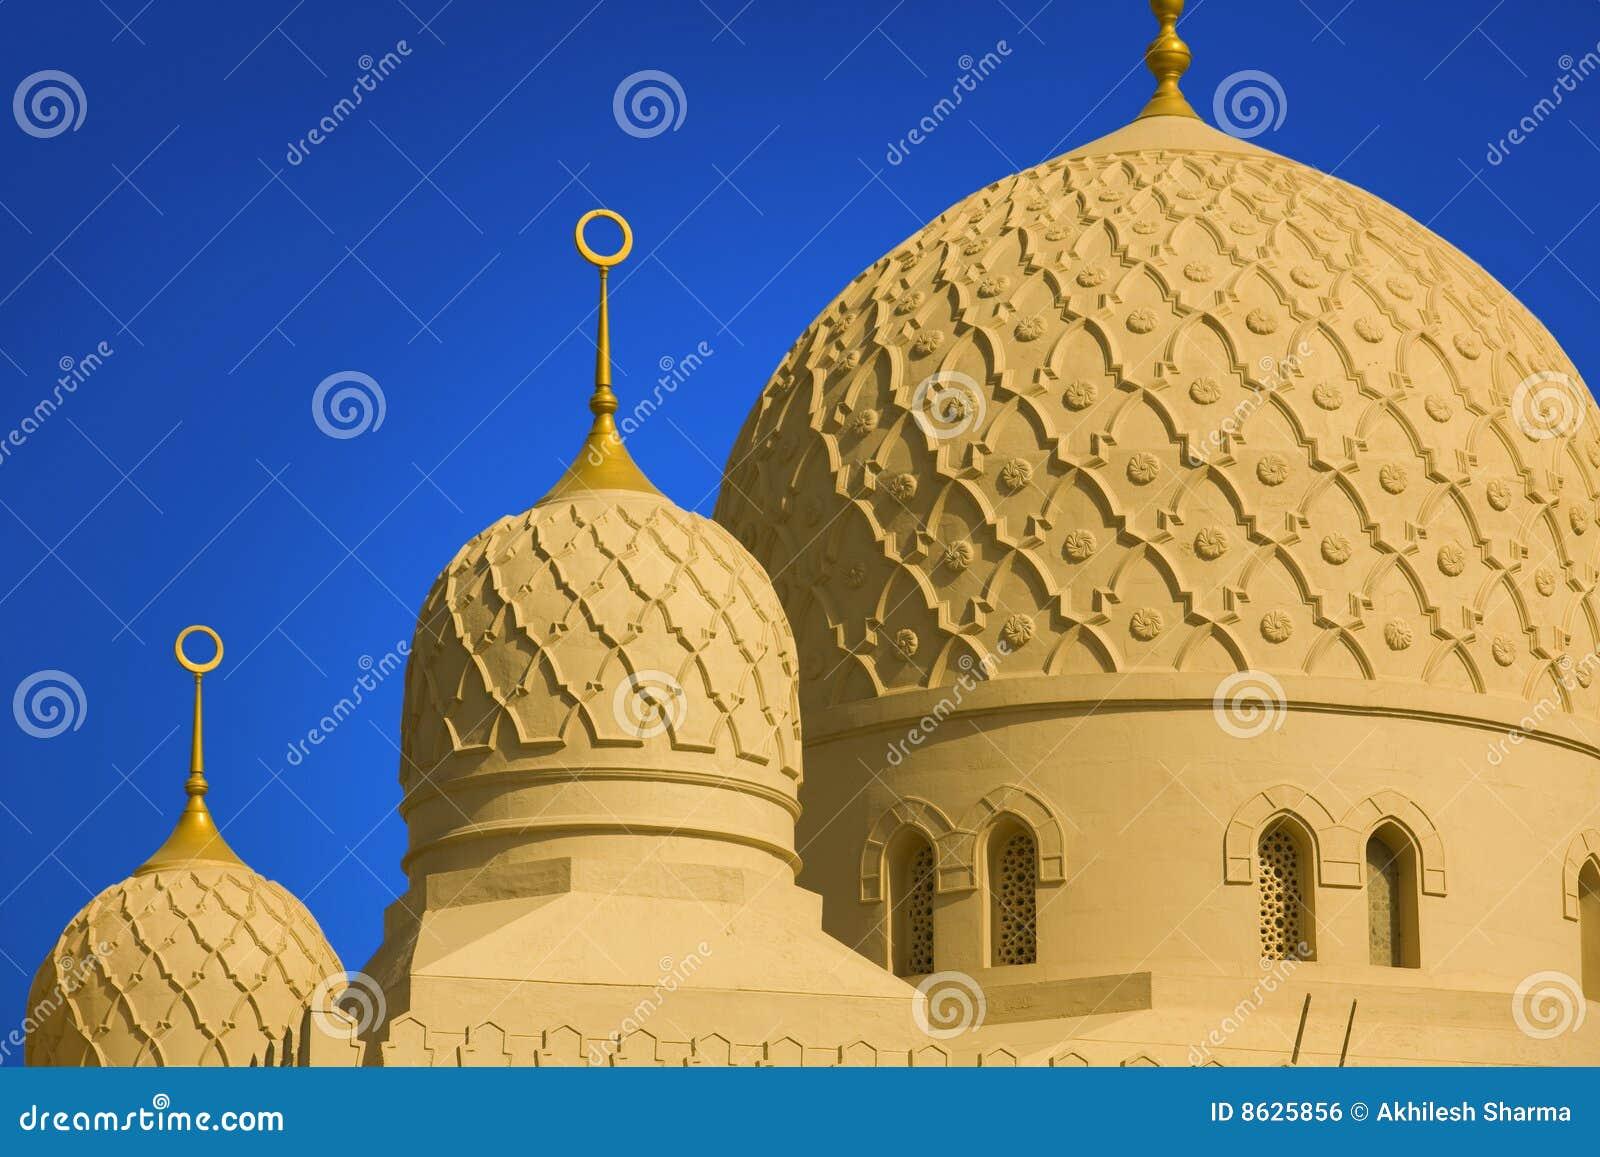 Die großartige jumeirah Moschee in Dubai